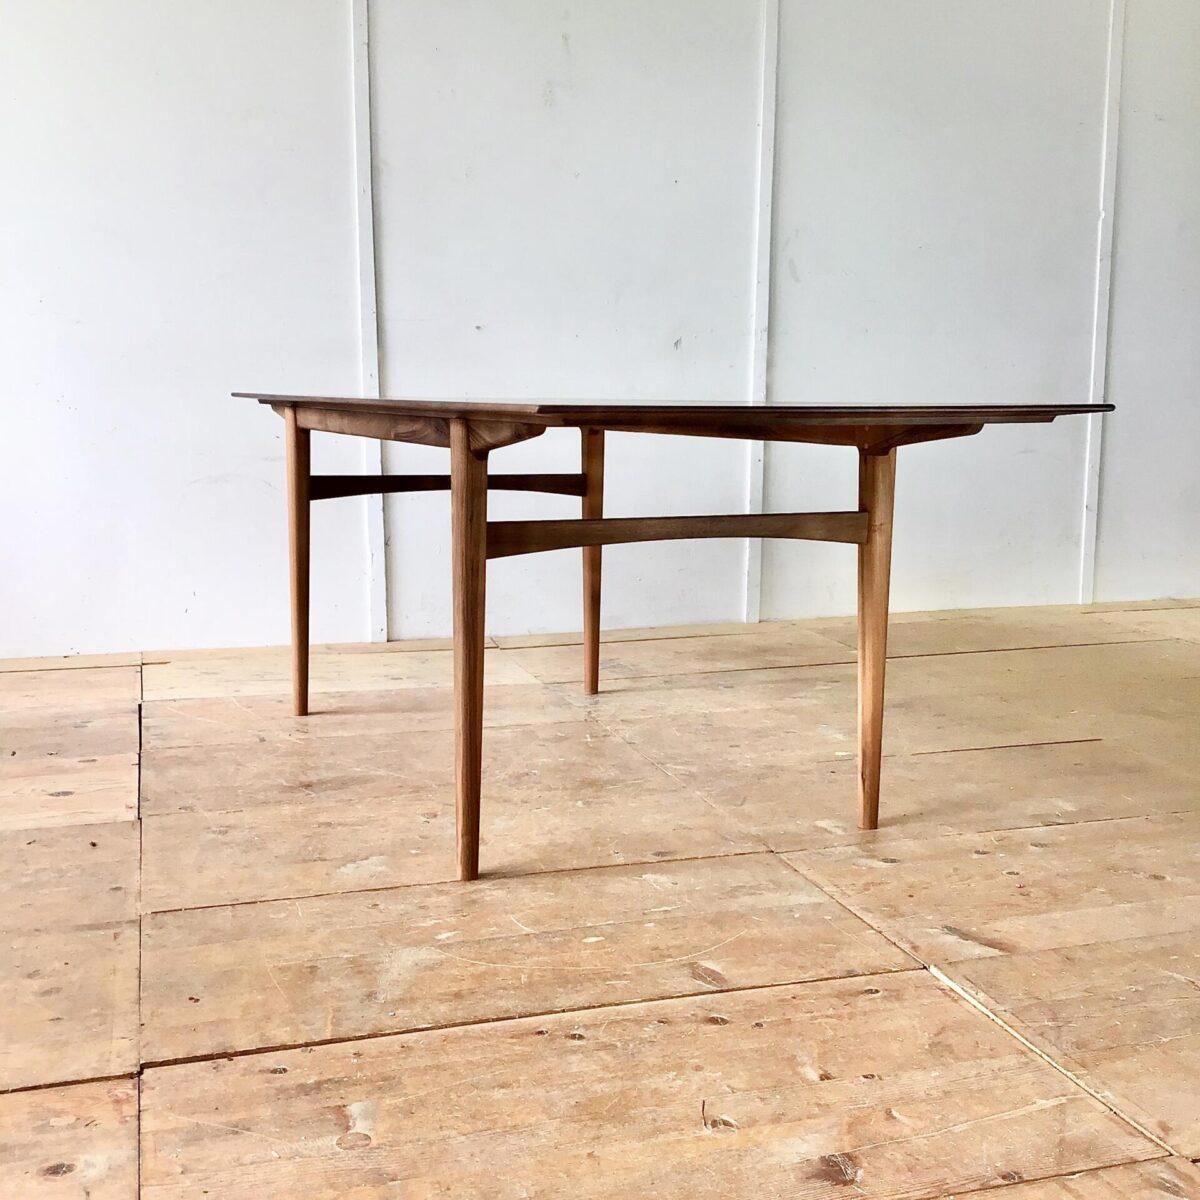 deuxieme.shop Nussbaumtisch 220 x 87 Höhe 74cm. Dieser Esstisch wurde von uns entworfen und produziert. Durch die von unten verjüngten Tischkanten, wirkt der Tisch sehr fein und leicht. Ist jedoch ein 30mm dickes Vollholz. Tischgestell, minimale Runde, leicht ineinander fliessende Formen.